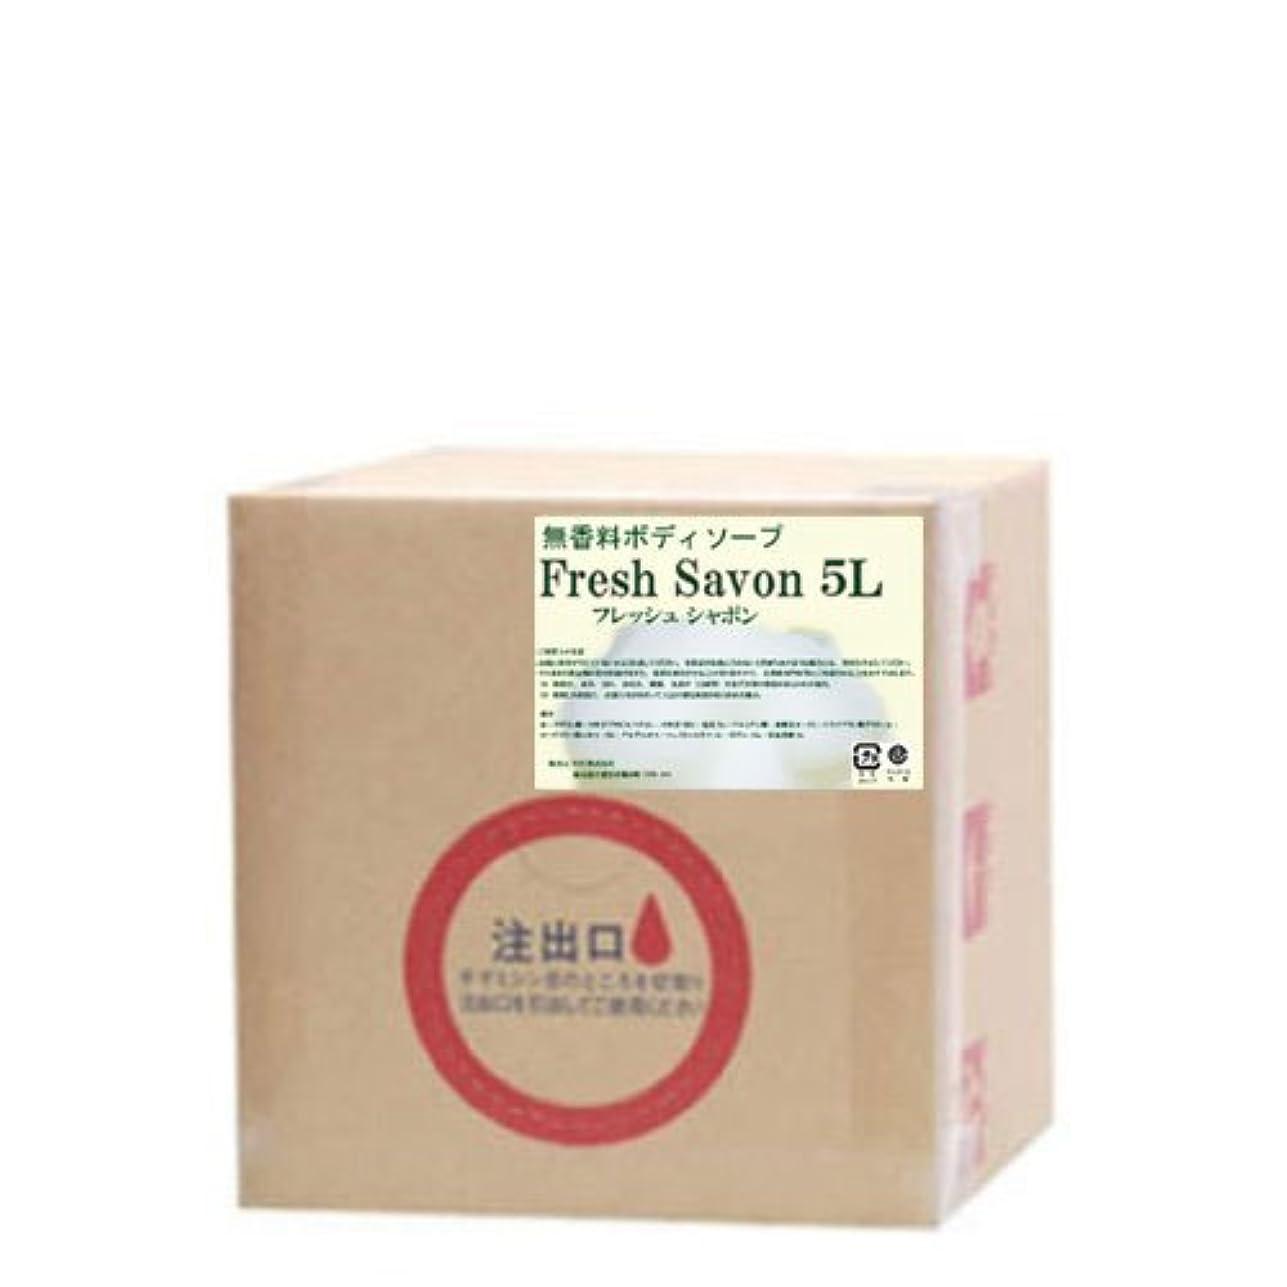 業務用 無香料ボディソープ フレッシュシャボン 5L (ホワイト コック付属)